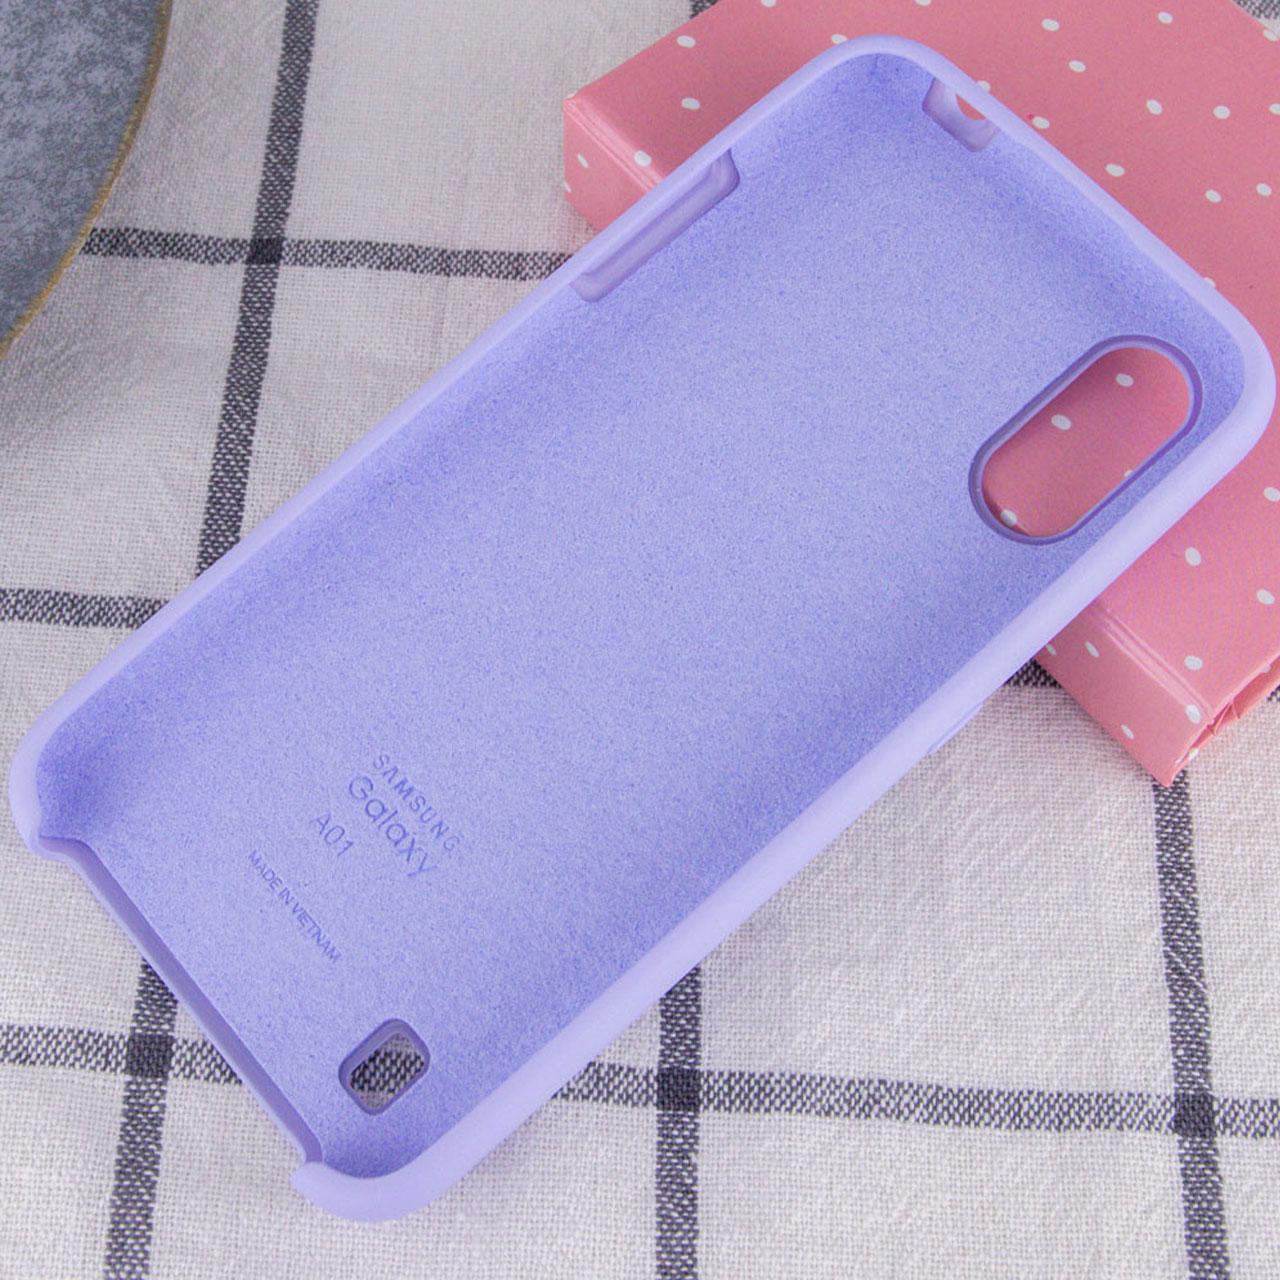 کاور مدل SLCN مناسب برای گوشی موبایل سامسونگ Galaxy A01 main 1 25